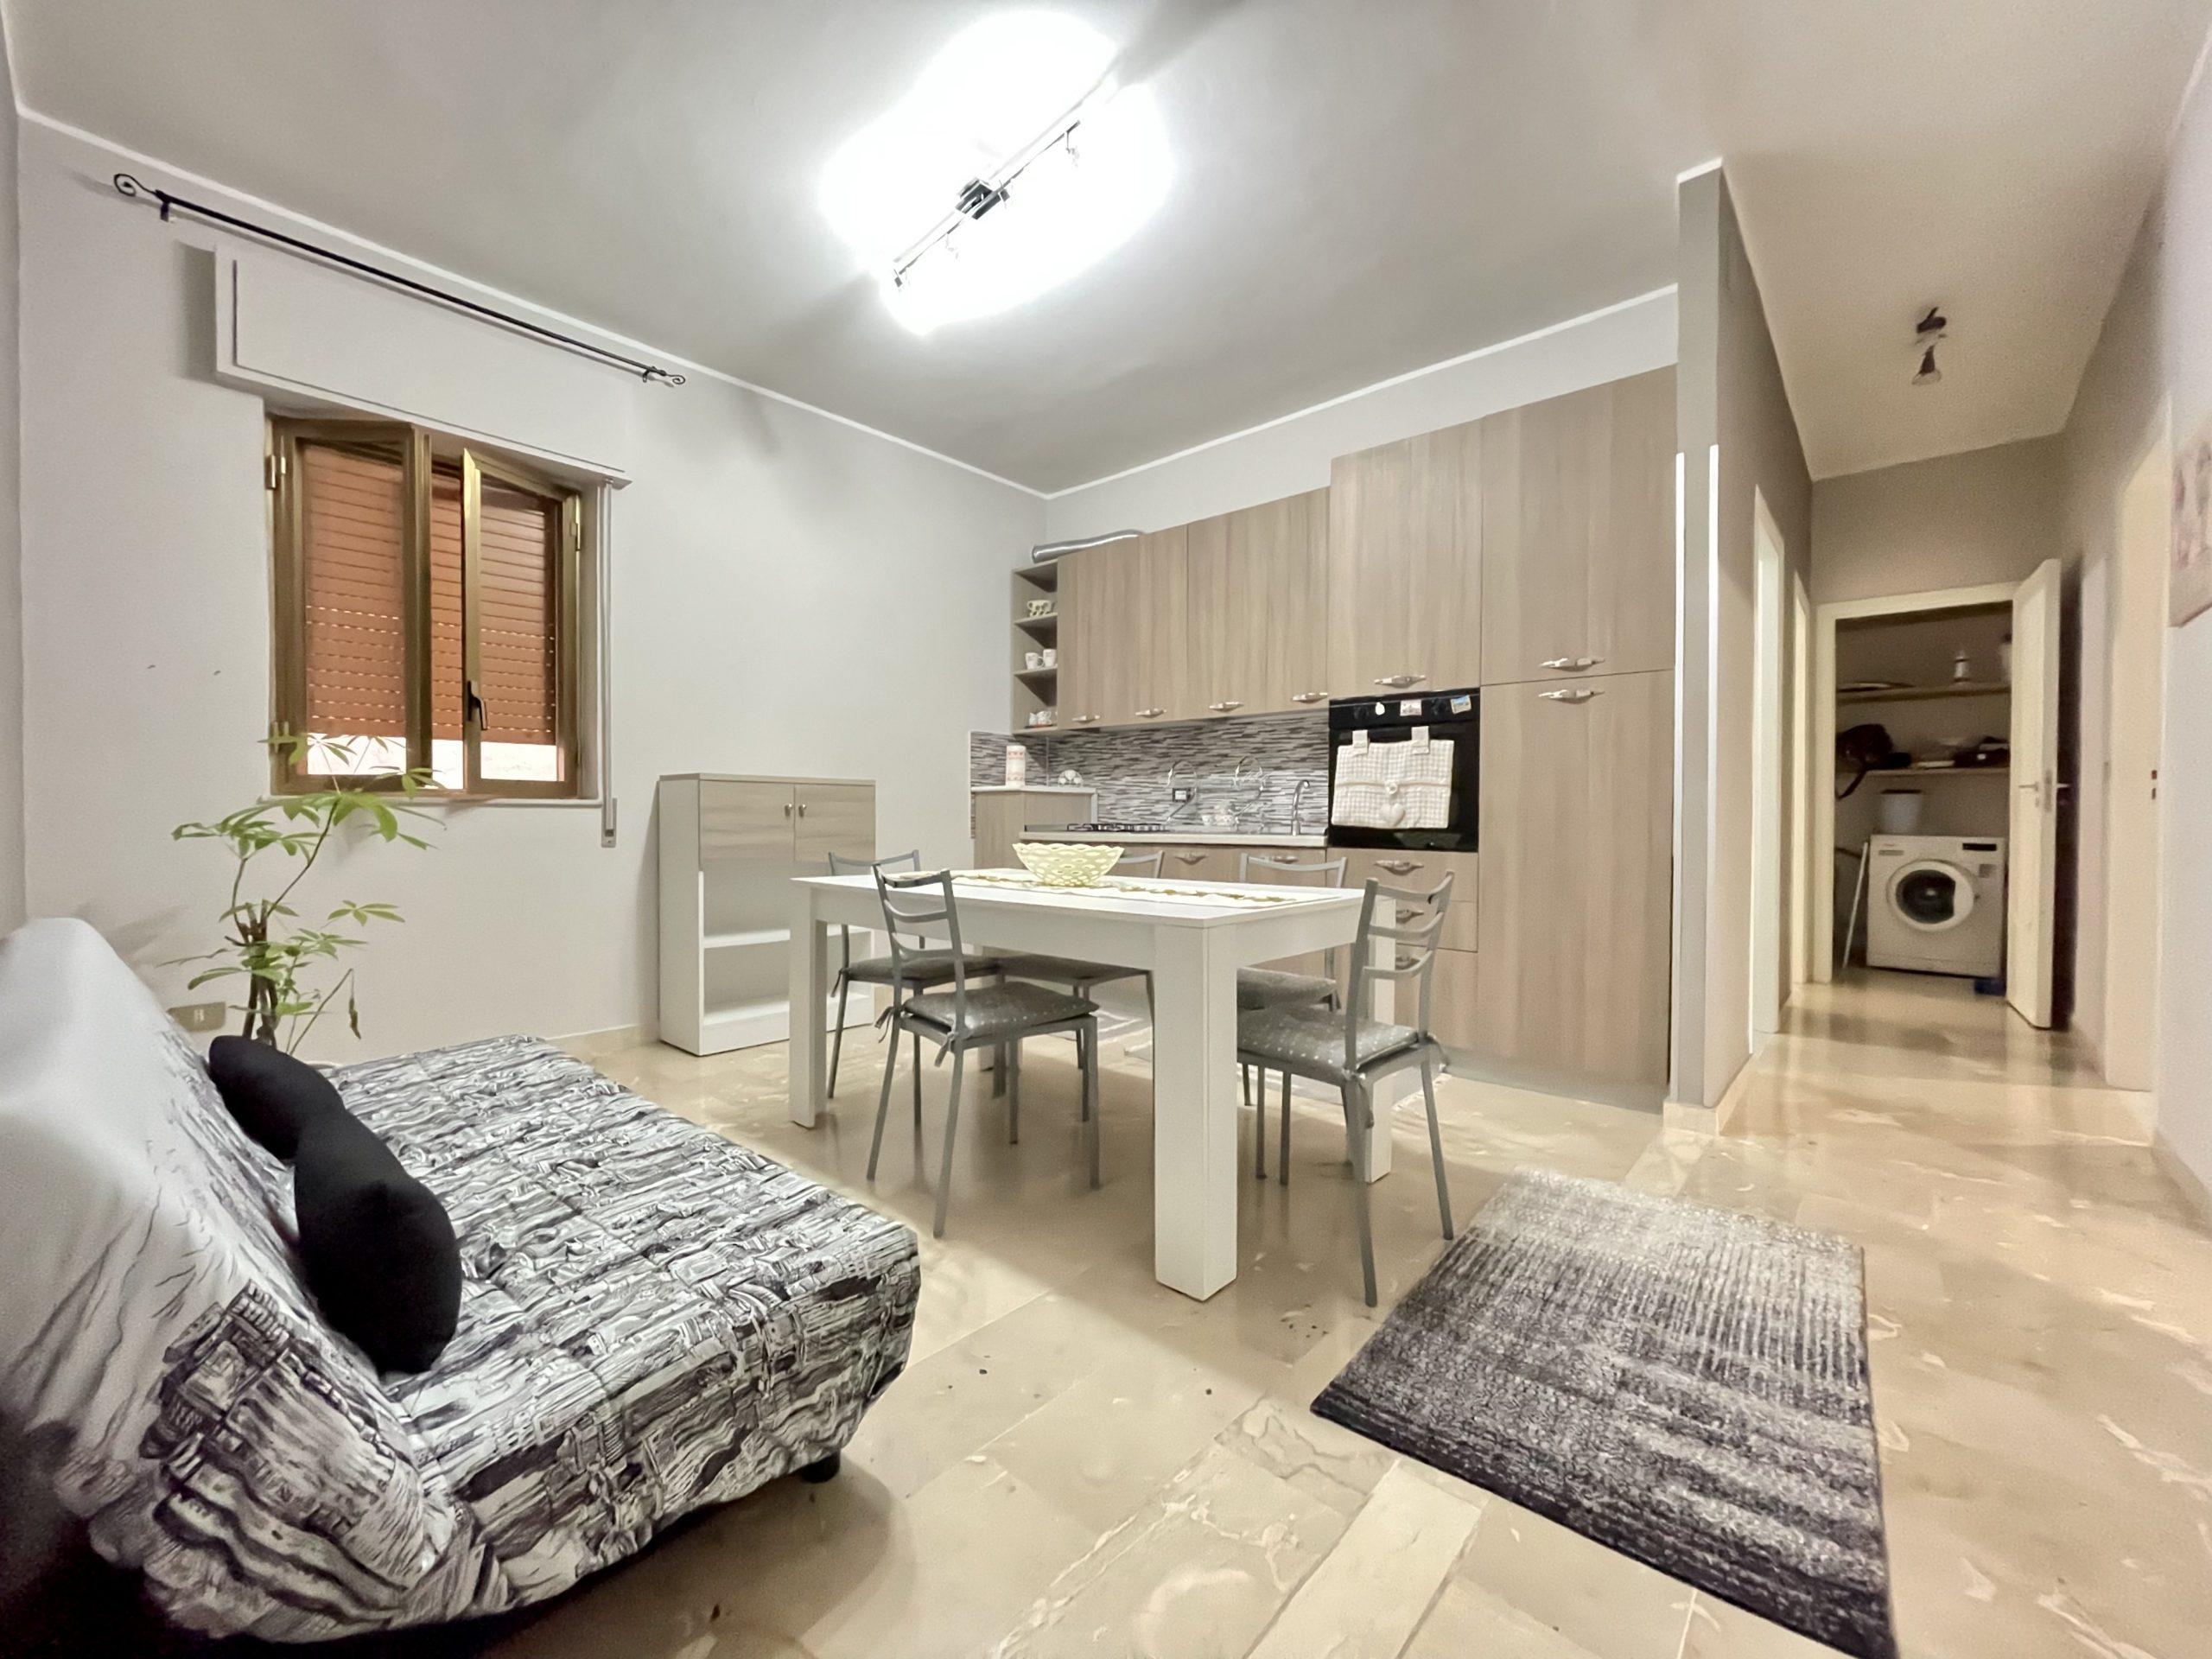 Appartamento arredato a Borgetto, Via Fernando Santi